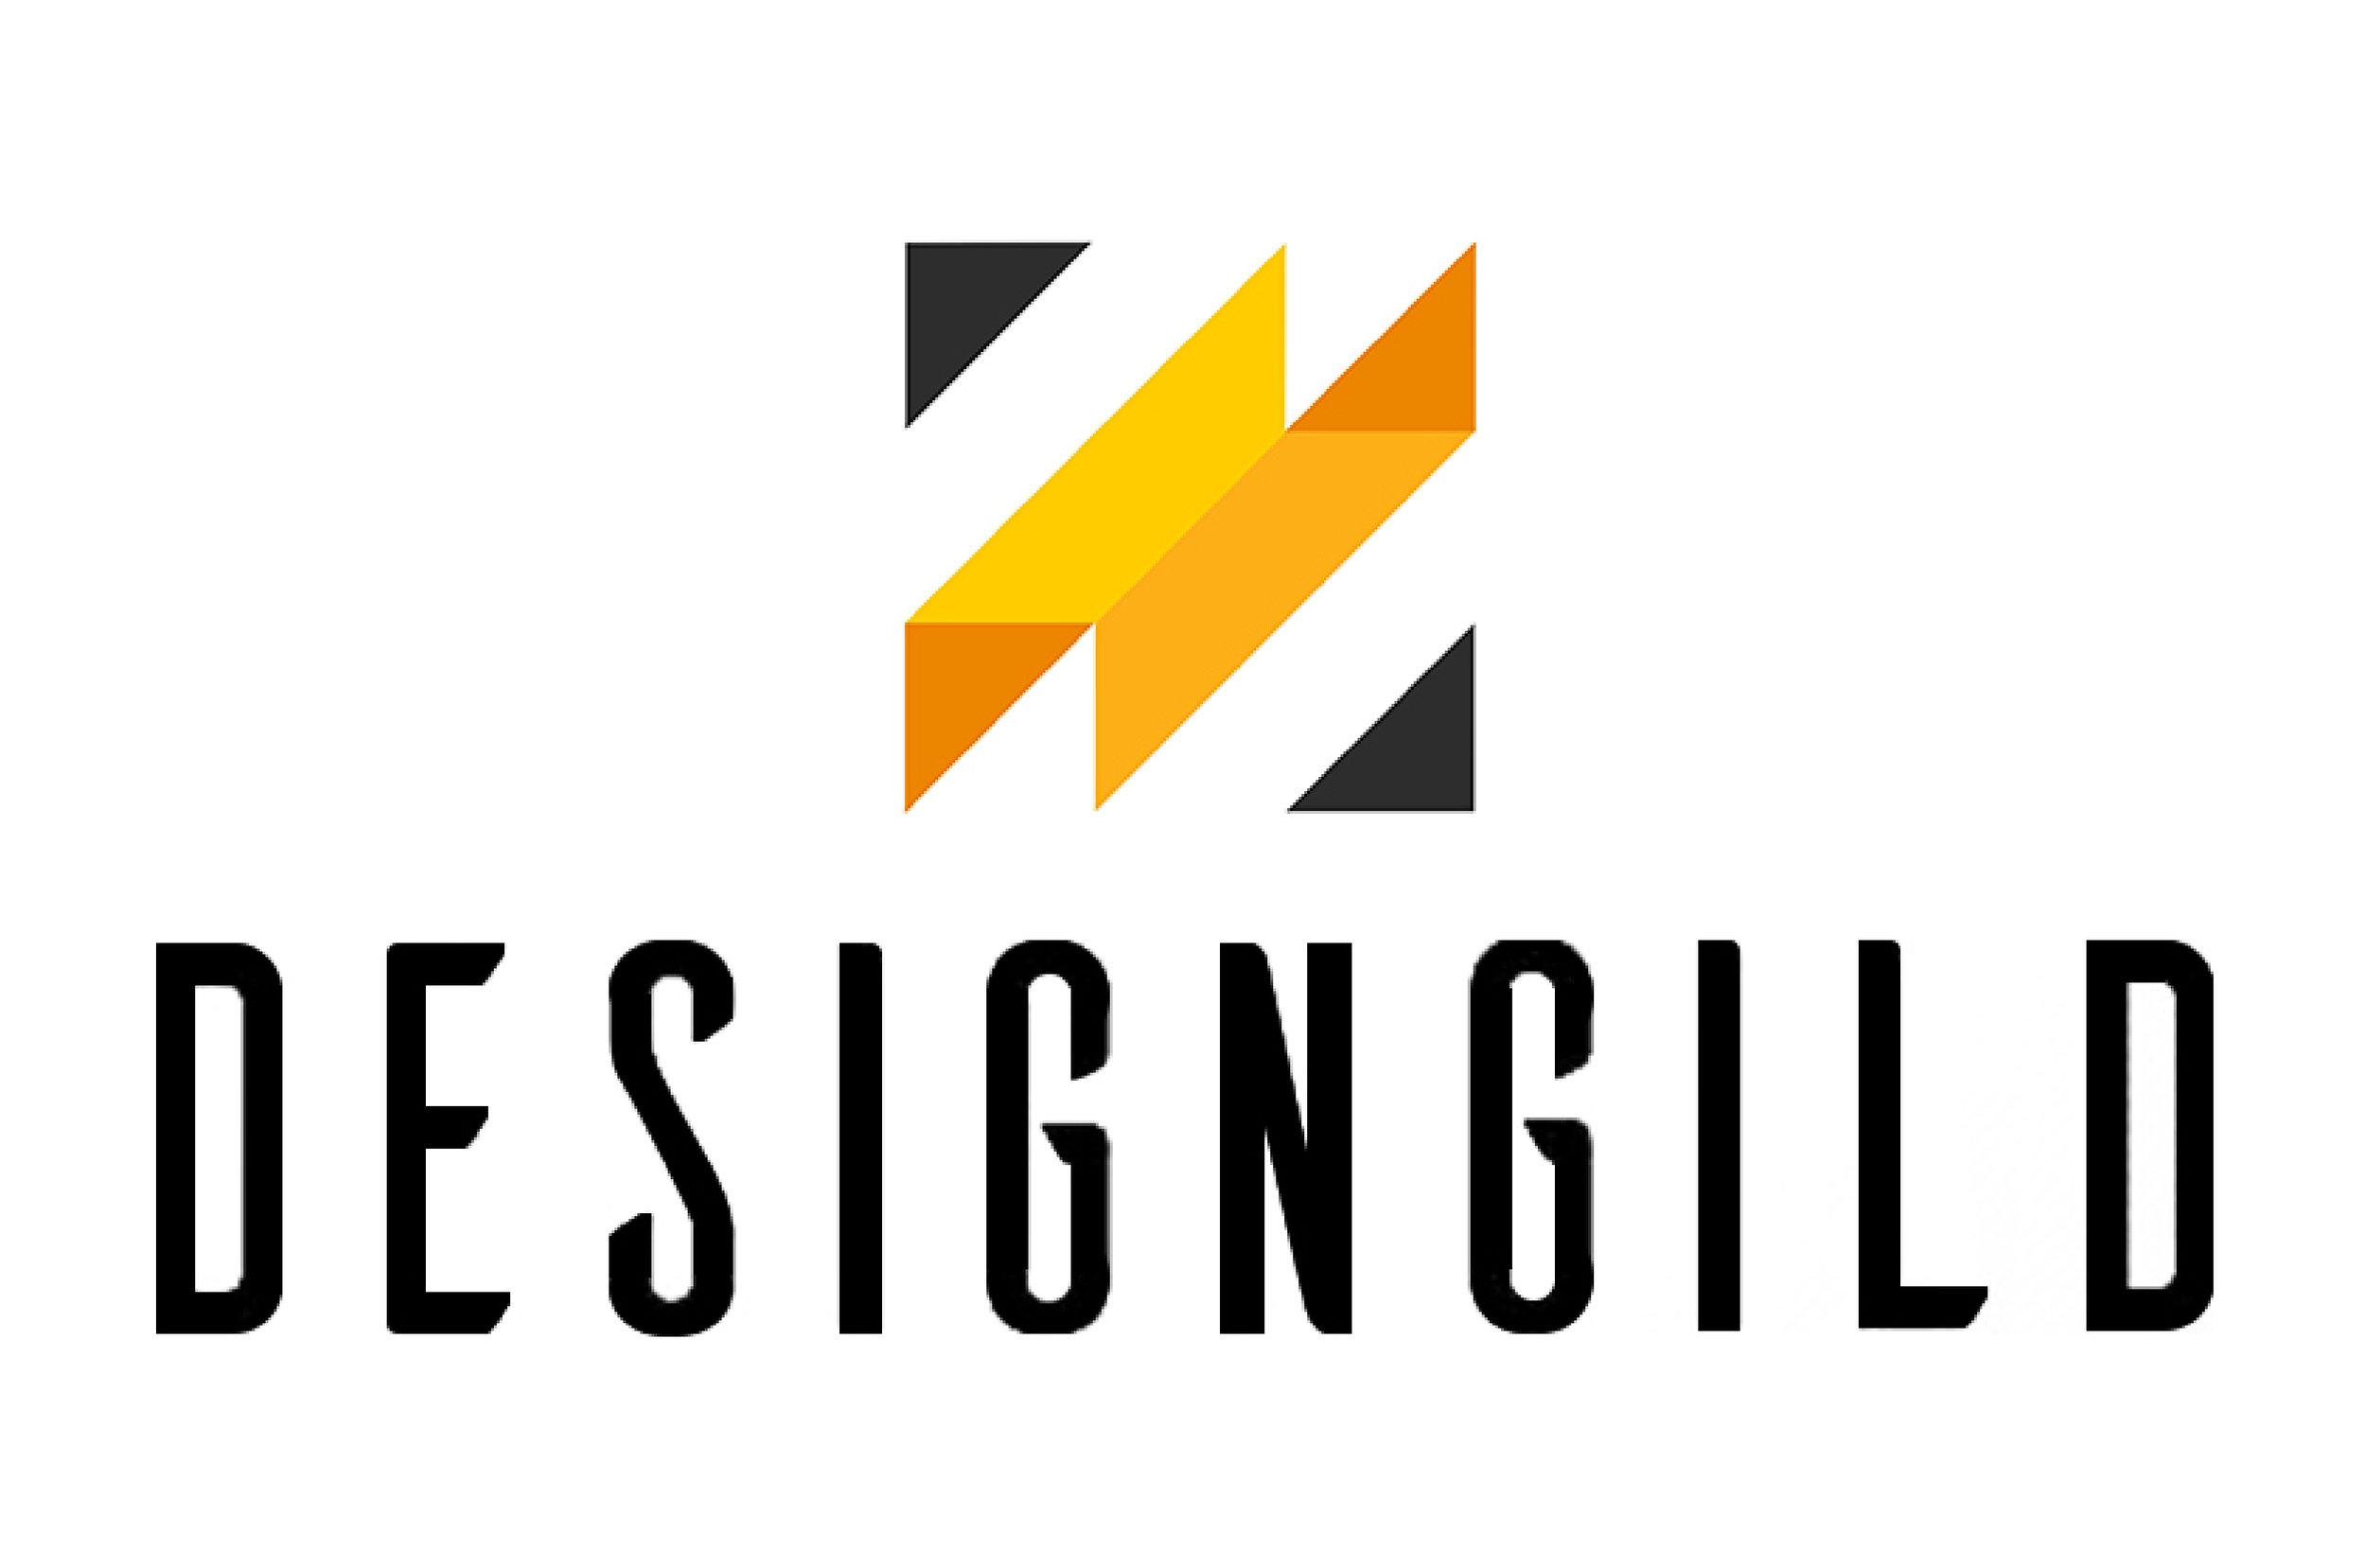 Designguild_Elephant Design_Pune, Singapore.jpg